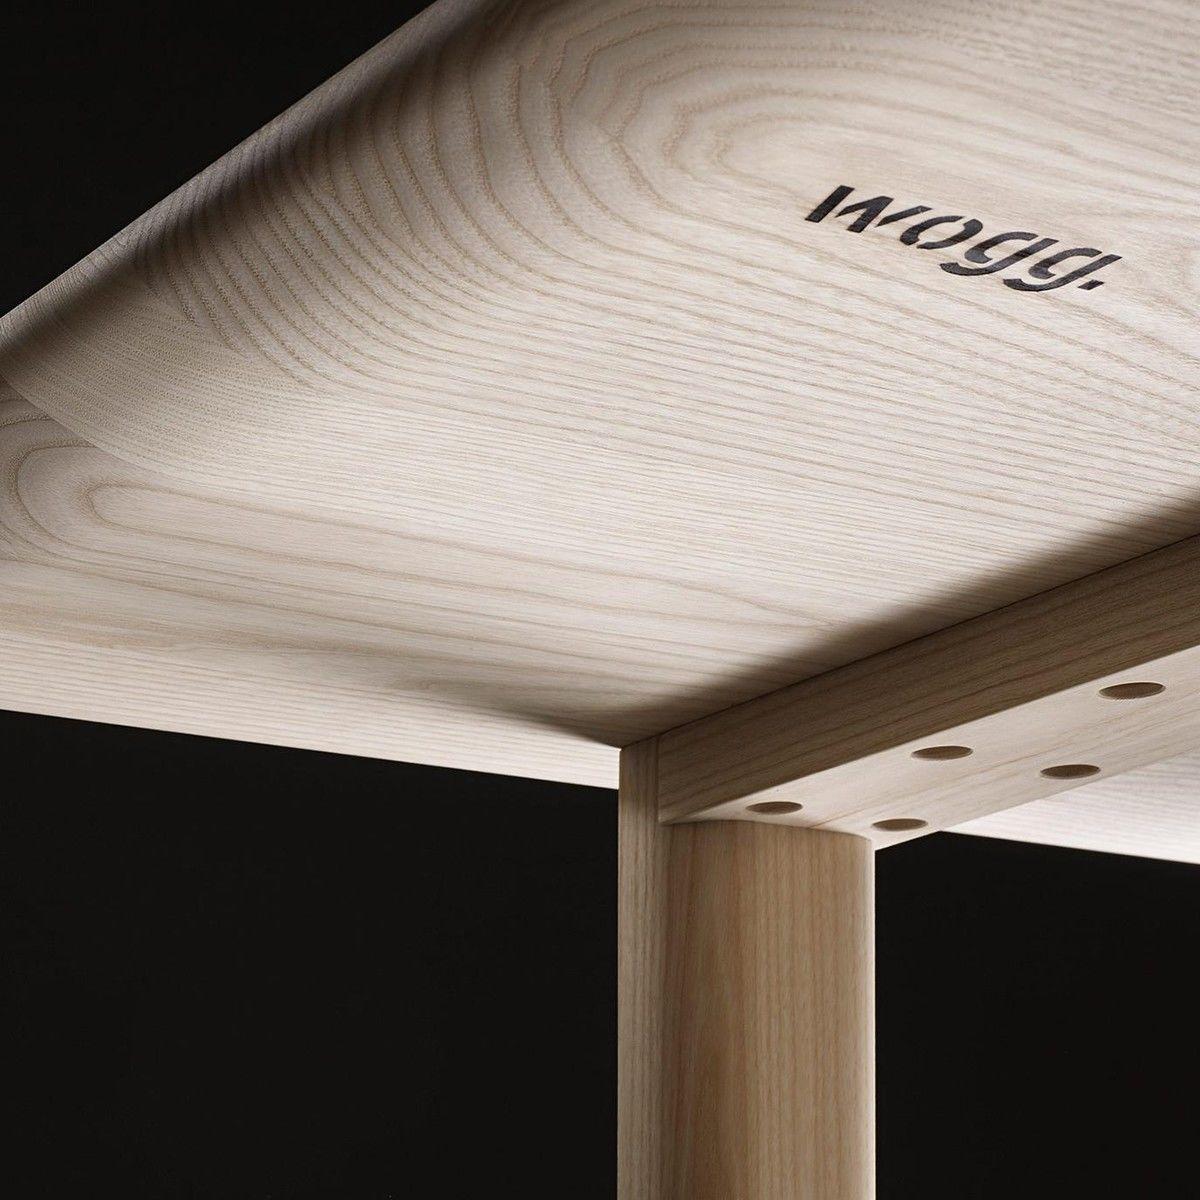 Tira massivholztisch esstisch wogg for Design massivholztisch